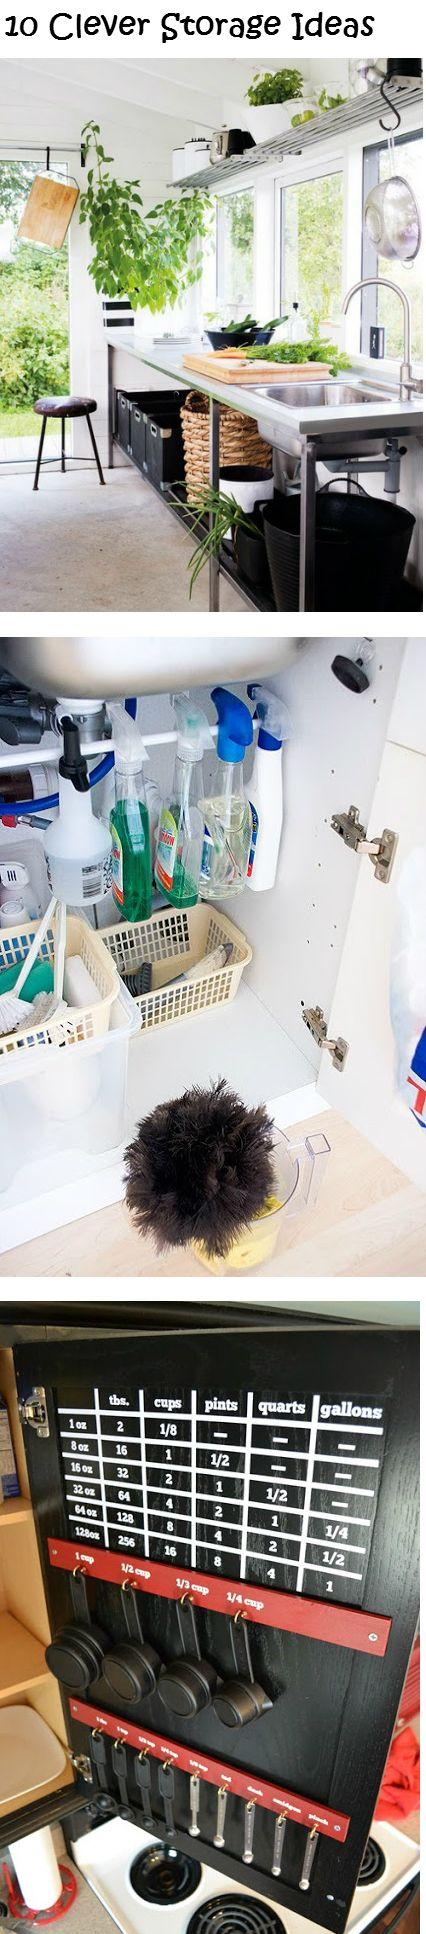 10 Clever Storage Ideas